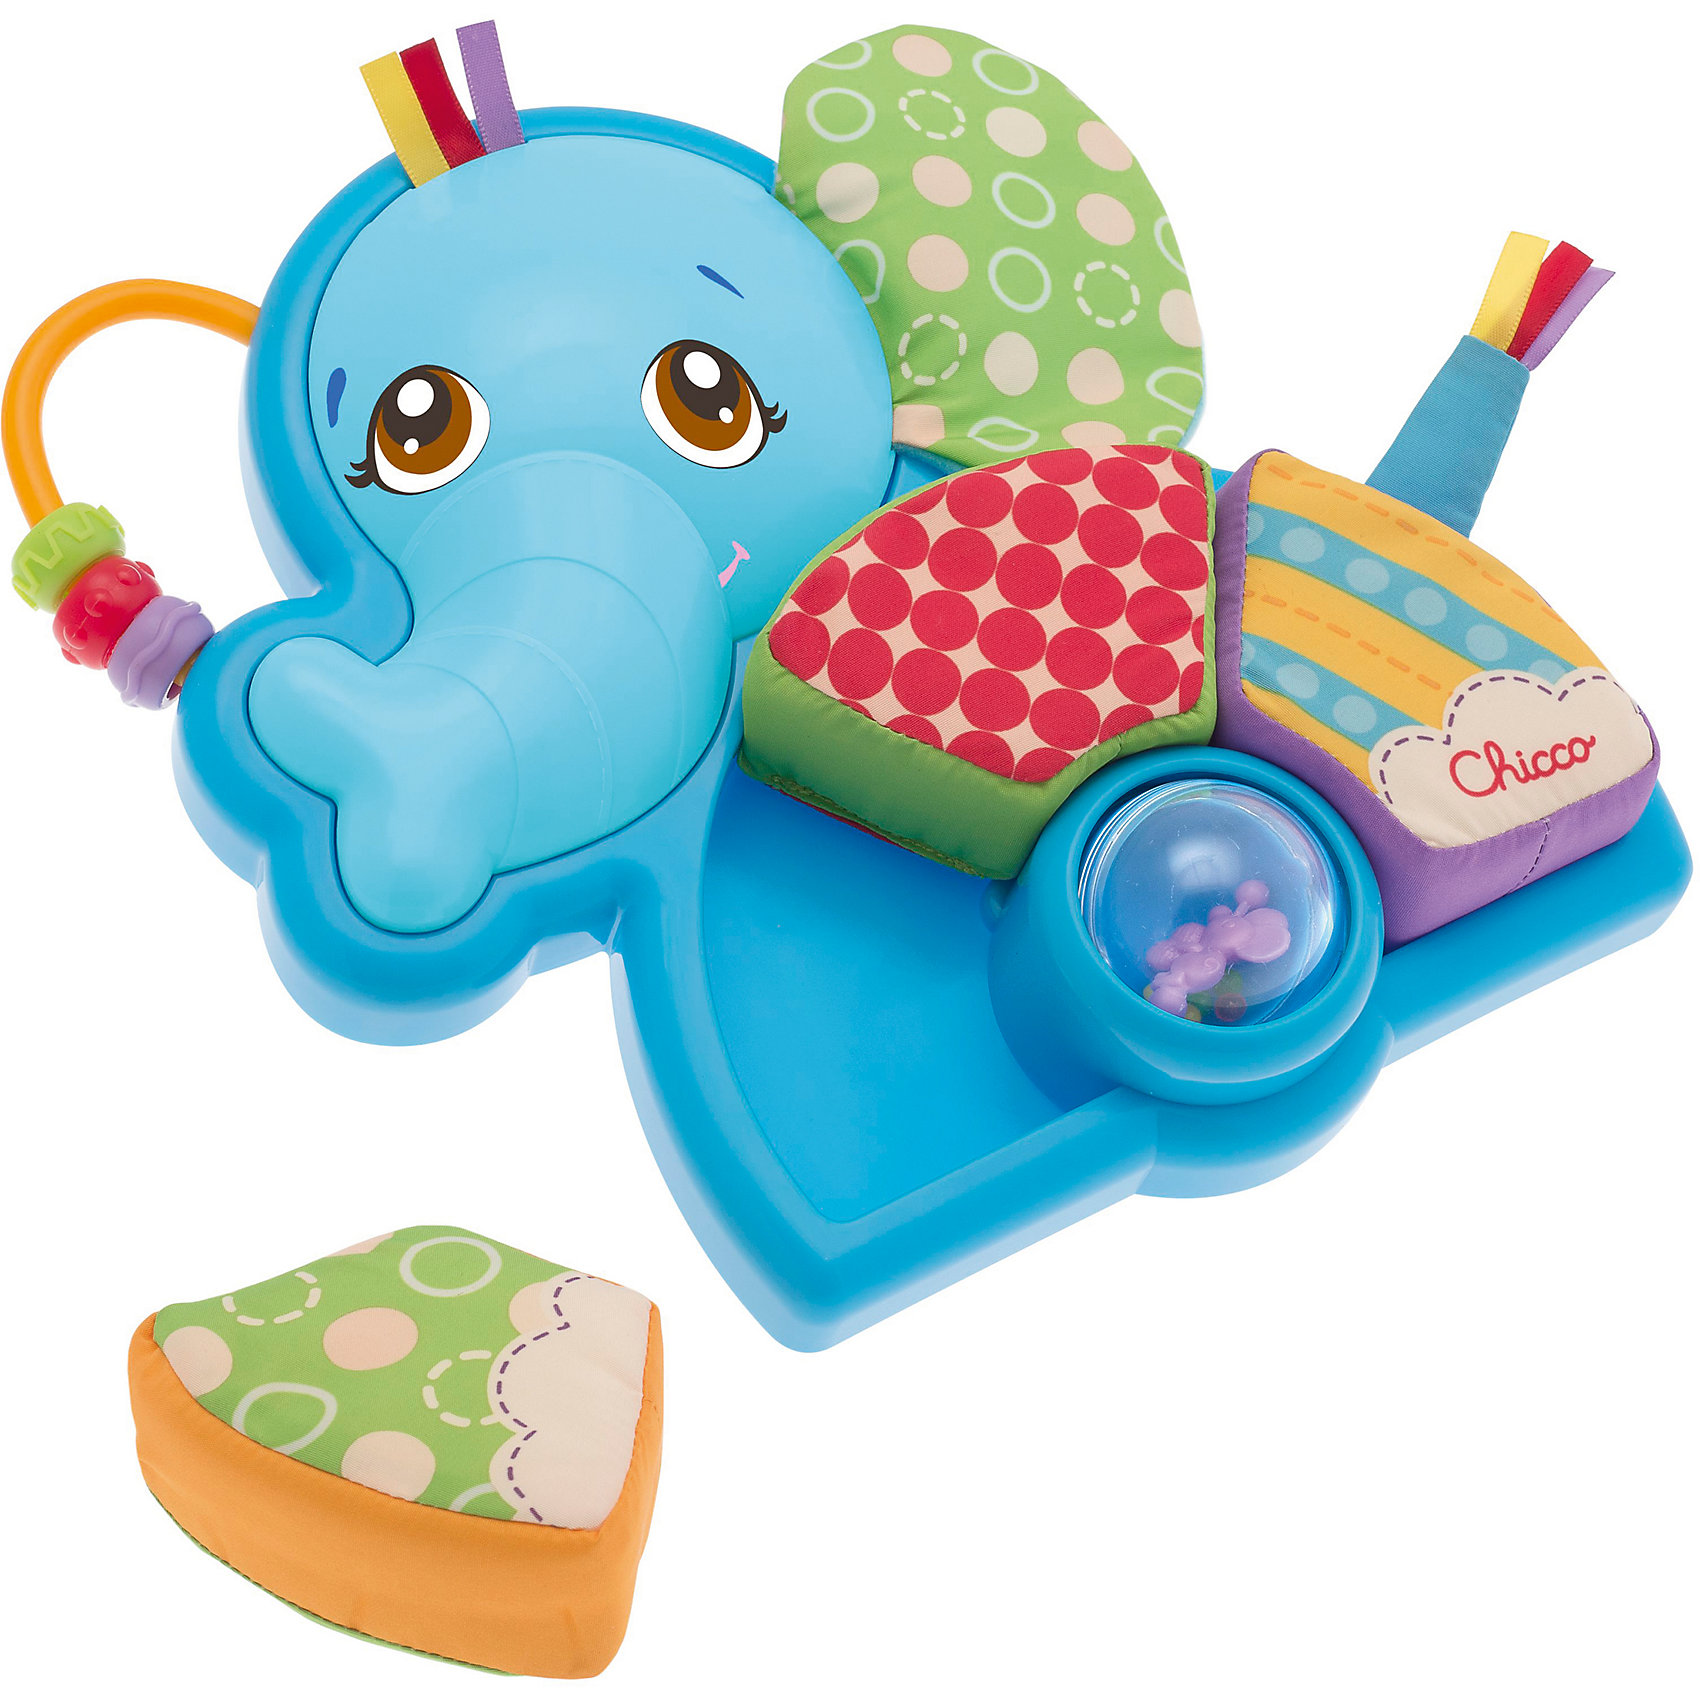 Погремушка-пазл Мистер Слоненок, ChiccoПогремушка-пазл Мистер Слоненок, Chicco (Чико) – эта забавная игрушка привлечет внимание вашего малыша.<br>Погремушка-пазл Мистер Слоненок оснащена тремя съемными тканевыми частями, которые помогут ребенку освоить понятия формы и размера. Малыш получит удовольствие, разбираясь, куда поместить каждую часть пазла. Пробуйте с ребенком различные варианты игр: шарик-погремушка с маленькой забавной мышкой внутри; кольца с выпуклыми рисунками; погремушка на ухе слоника. Изготовлено из высококачественных безопасных материалов.<br><br>Дополнительная информация:<br><br>- Тканевые блоки можно стирать в стиральной машине<br>- Размер упаковки: 28,7 х 23,9 х 5 см.<br> <br>Погремушку-пазл Мистер Слоненок, Chicco (Чико) можно купить в нашем интернет-магазине.<br><br>Ширина мм: 287<br>Глубина мм: 238<br>Высота мм: 50<br>Вес г: 318<br>Возраст от месяцев: 6<br>Возраст до месяцев: 36<br>Пол: Унисекс<br>Возраст: Детский<br>SKU: 3943189